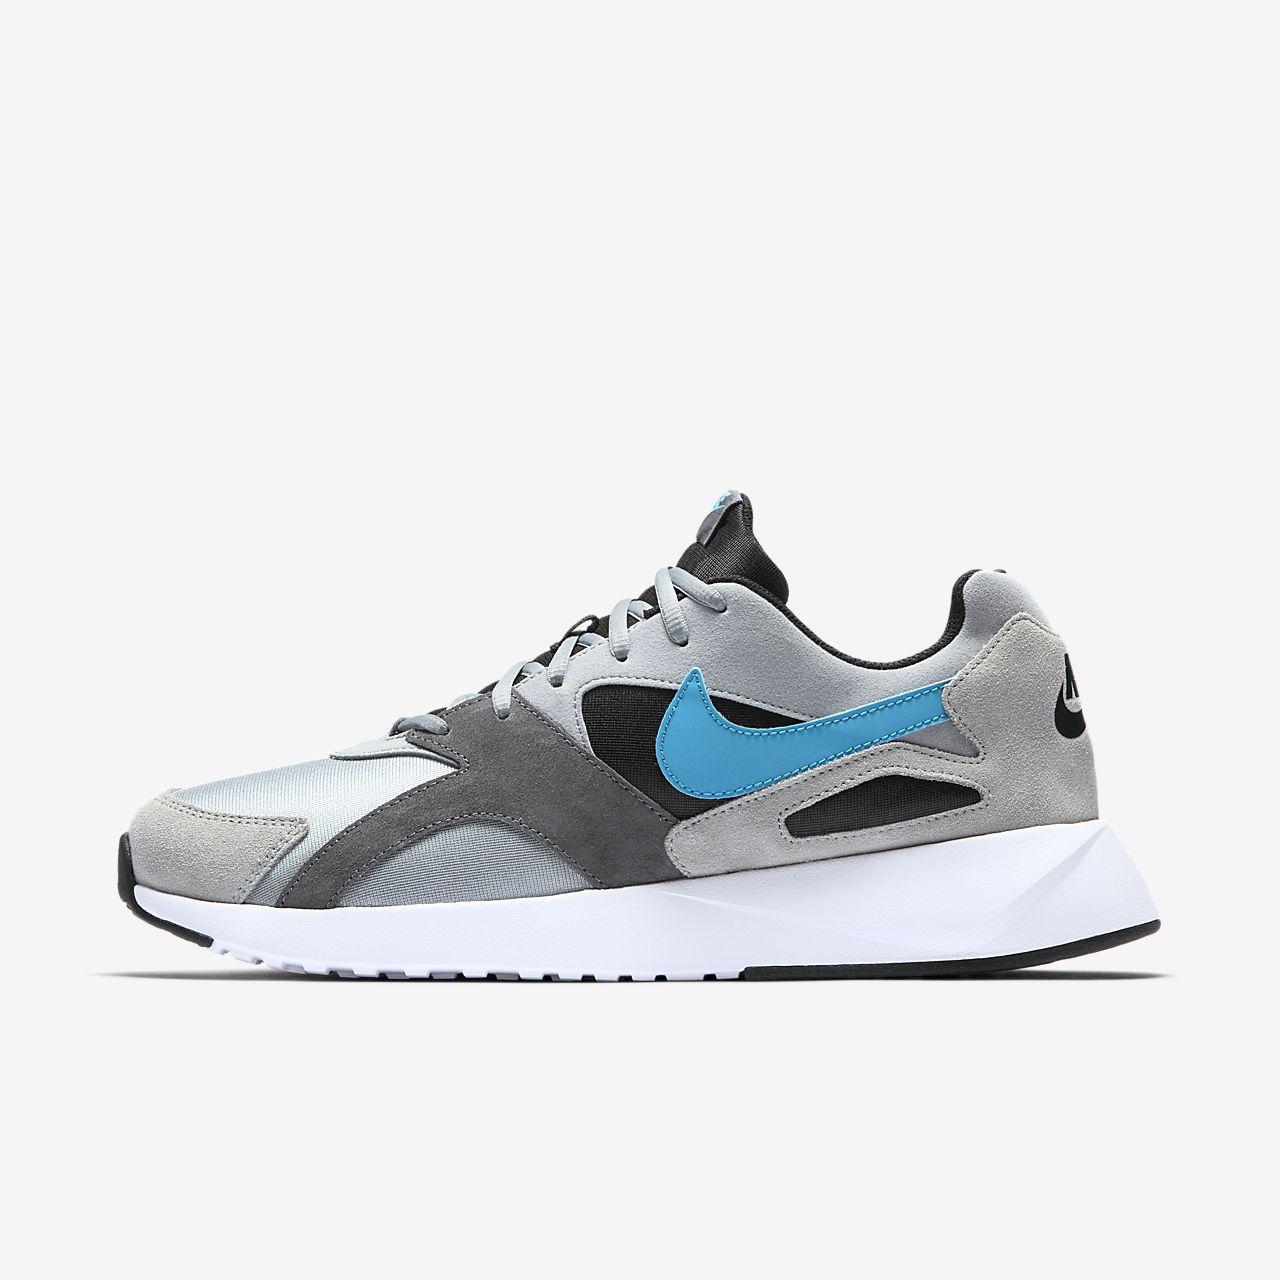 Low Resolution Nike Pantheos Mens Shoe Nike Pantheos Mens Shoe